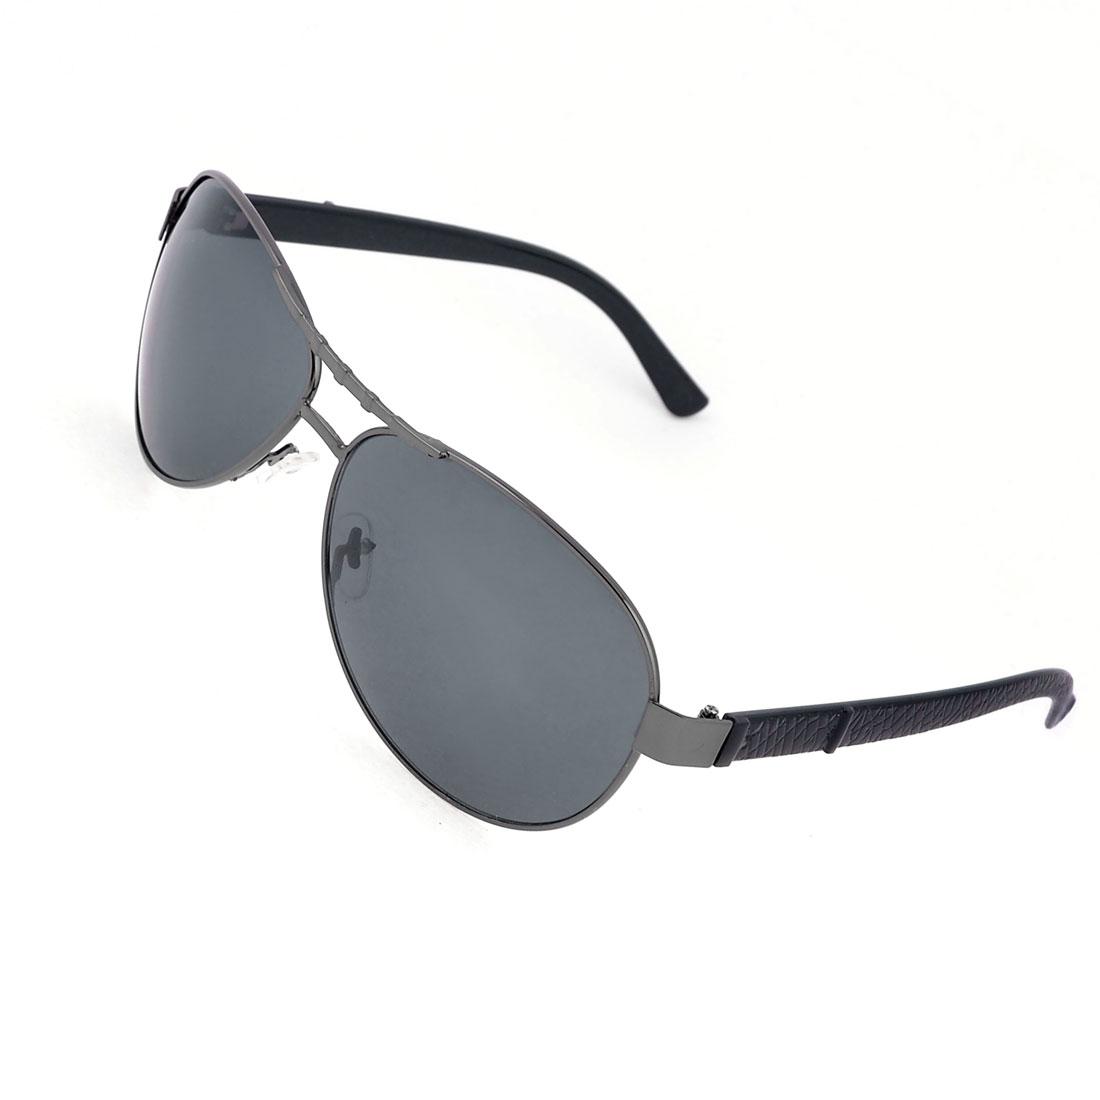 Man Metal Rim Waterdrop Black Lens Leisure Eyes Protective Sunglasses